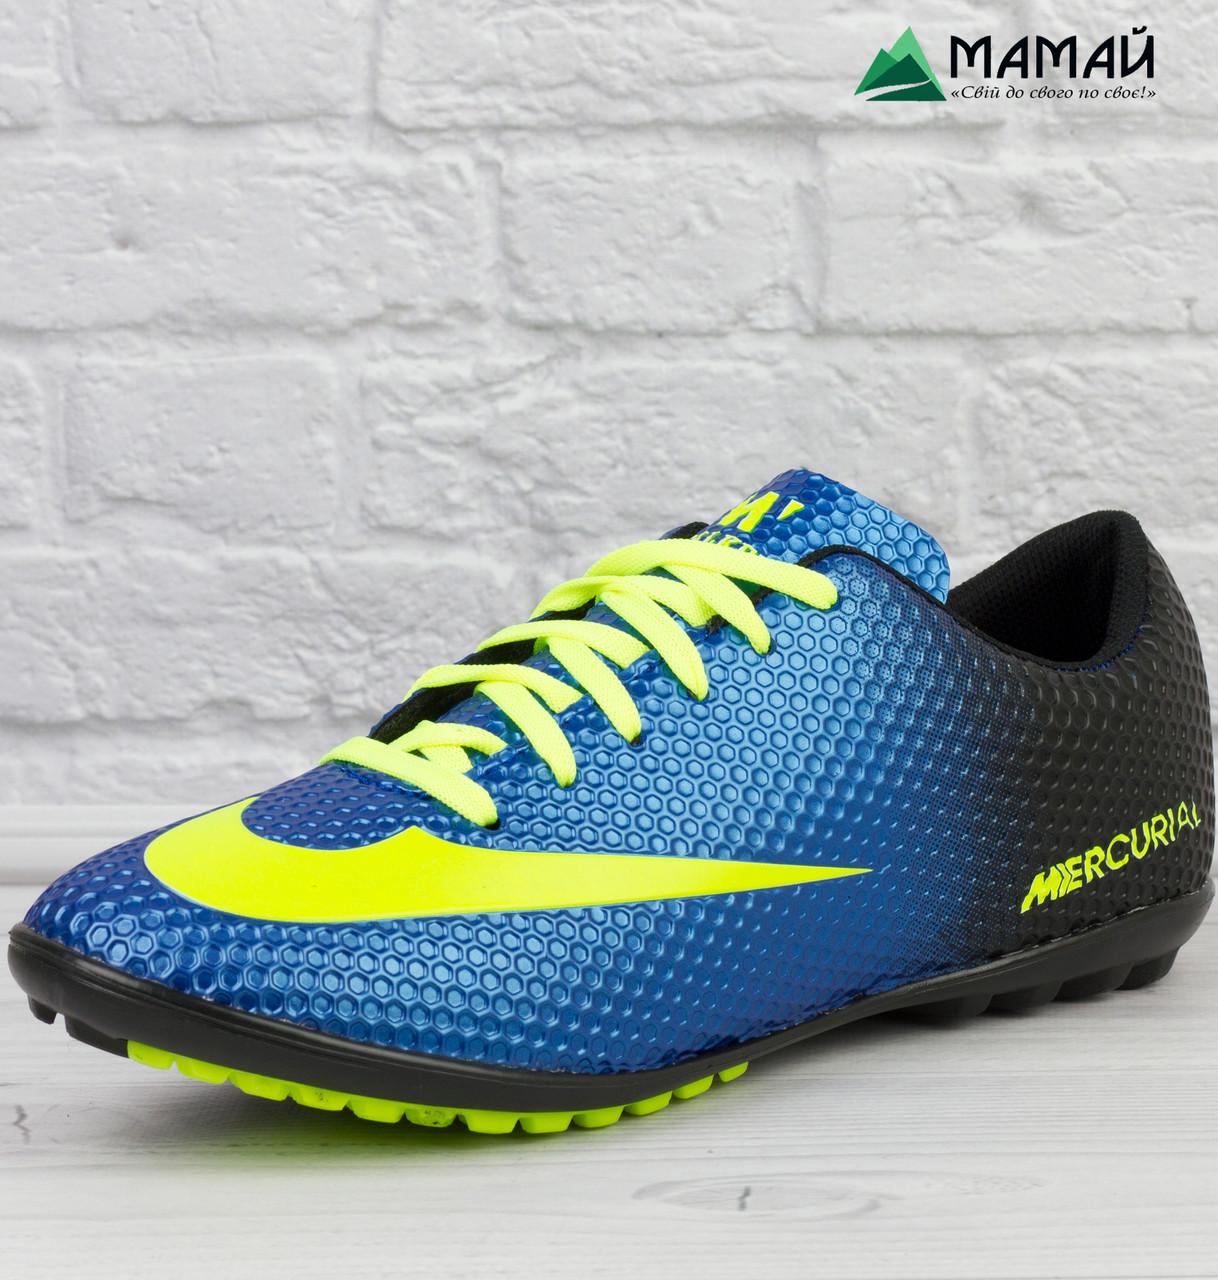 Футзалки Nike Mercurial - Футбольне взуття репліка 41р